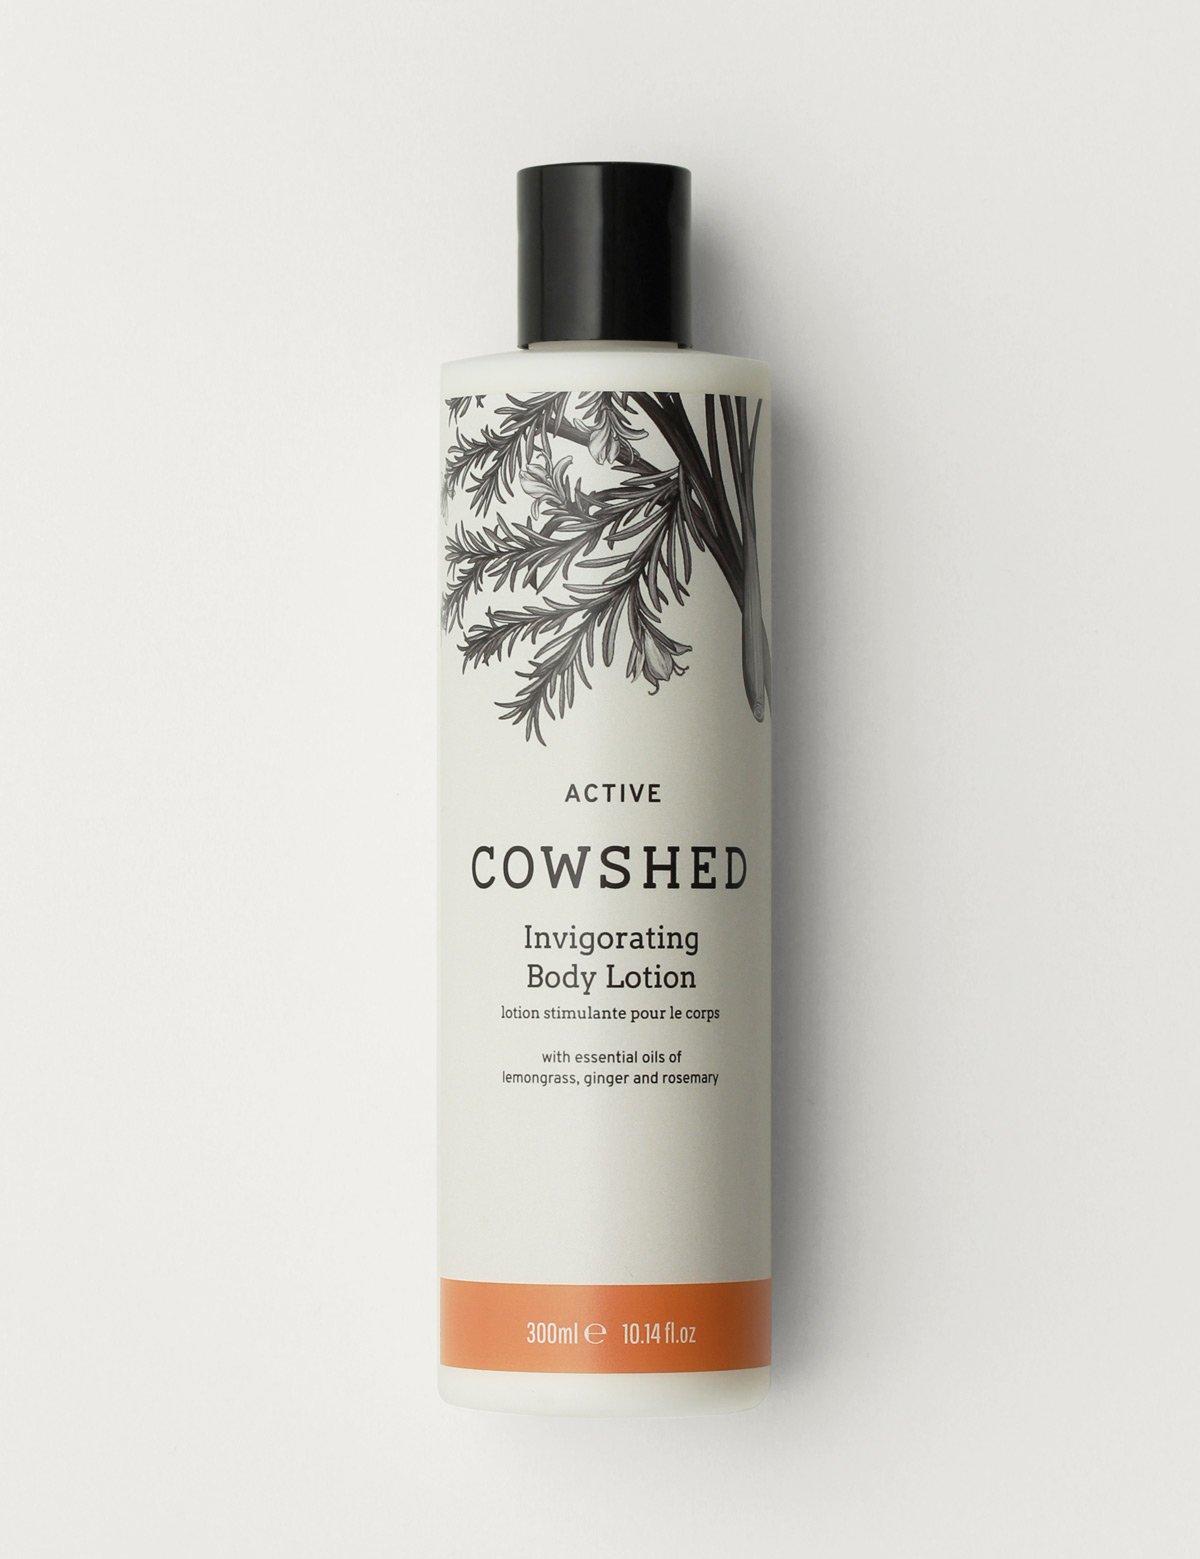 Cowshed rebranding agency